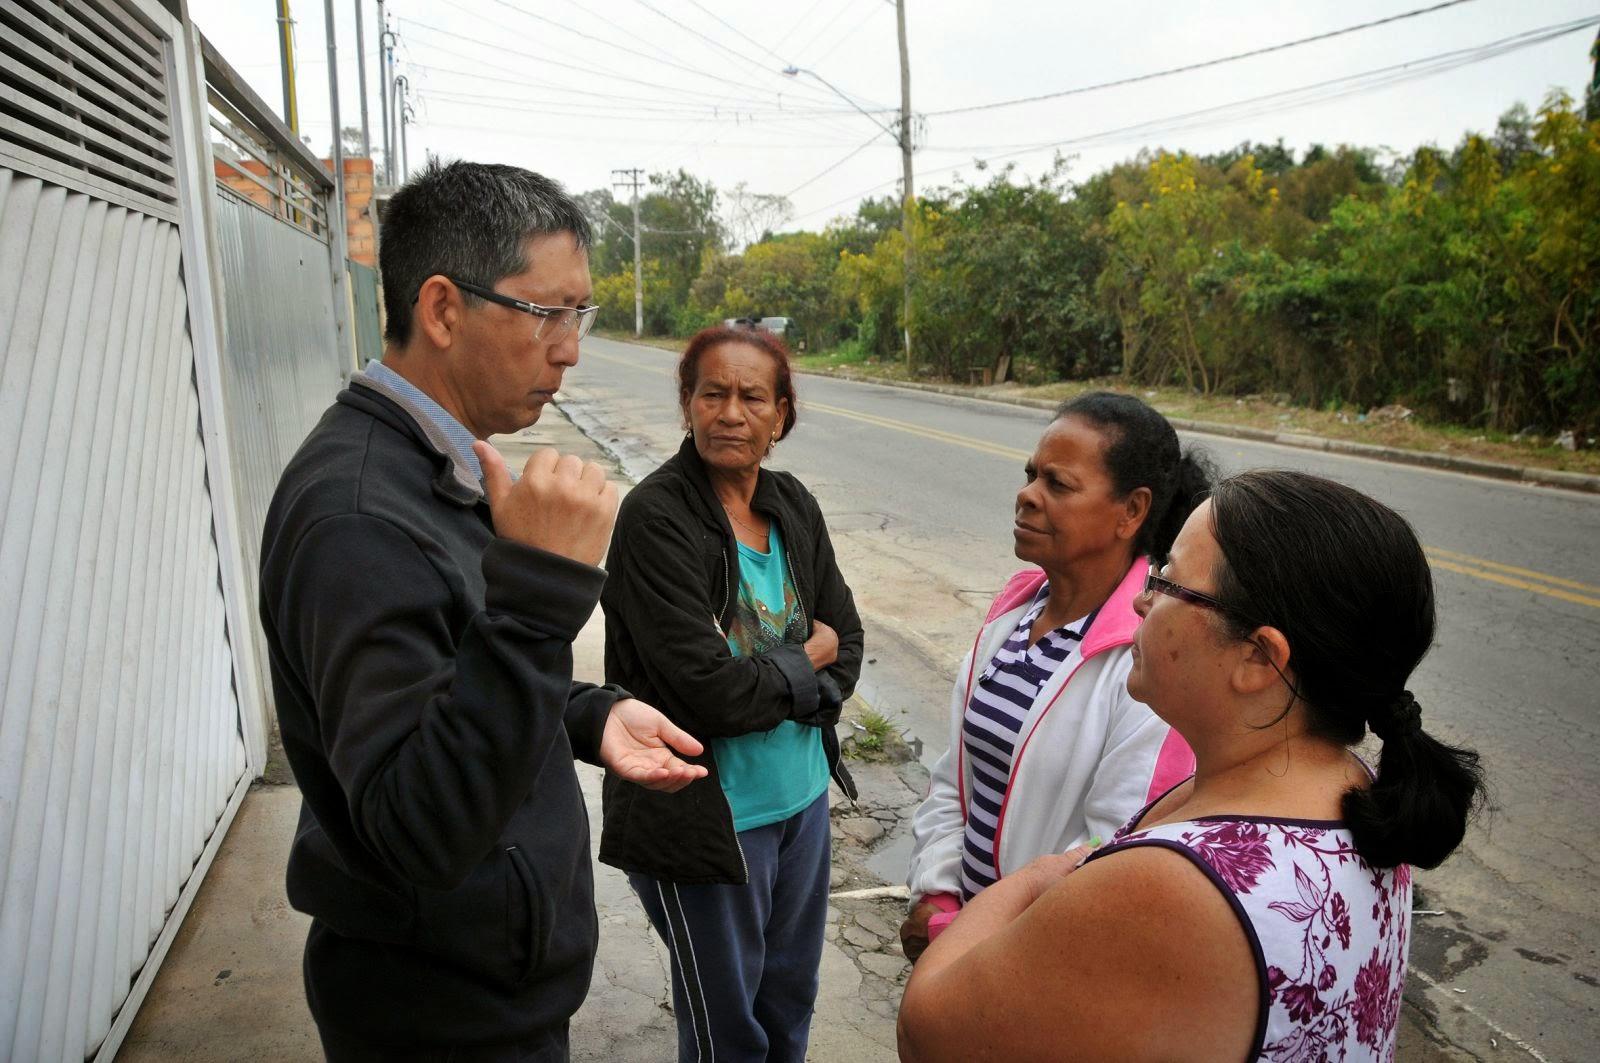 Em 24 horas, Prefeitura de Itaquá resolve problema de iluminação que durava 5 anos